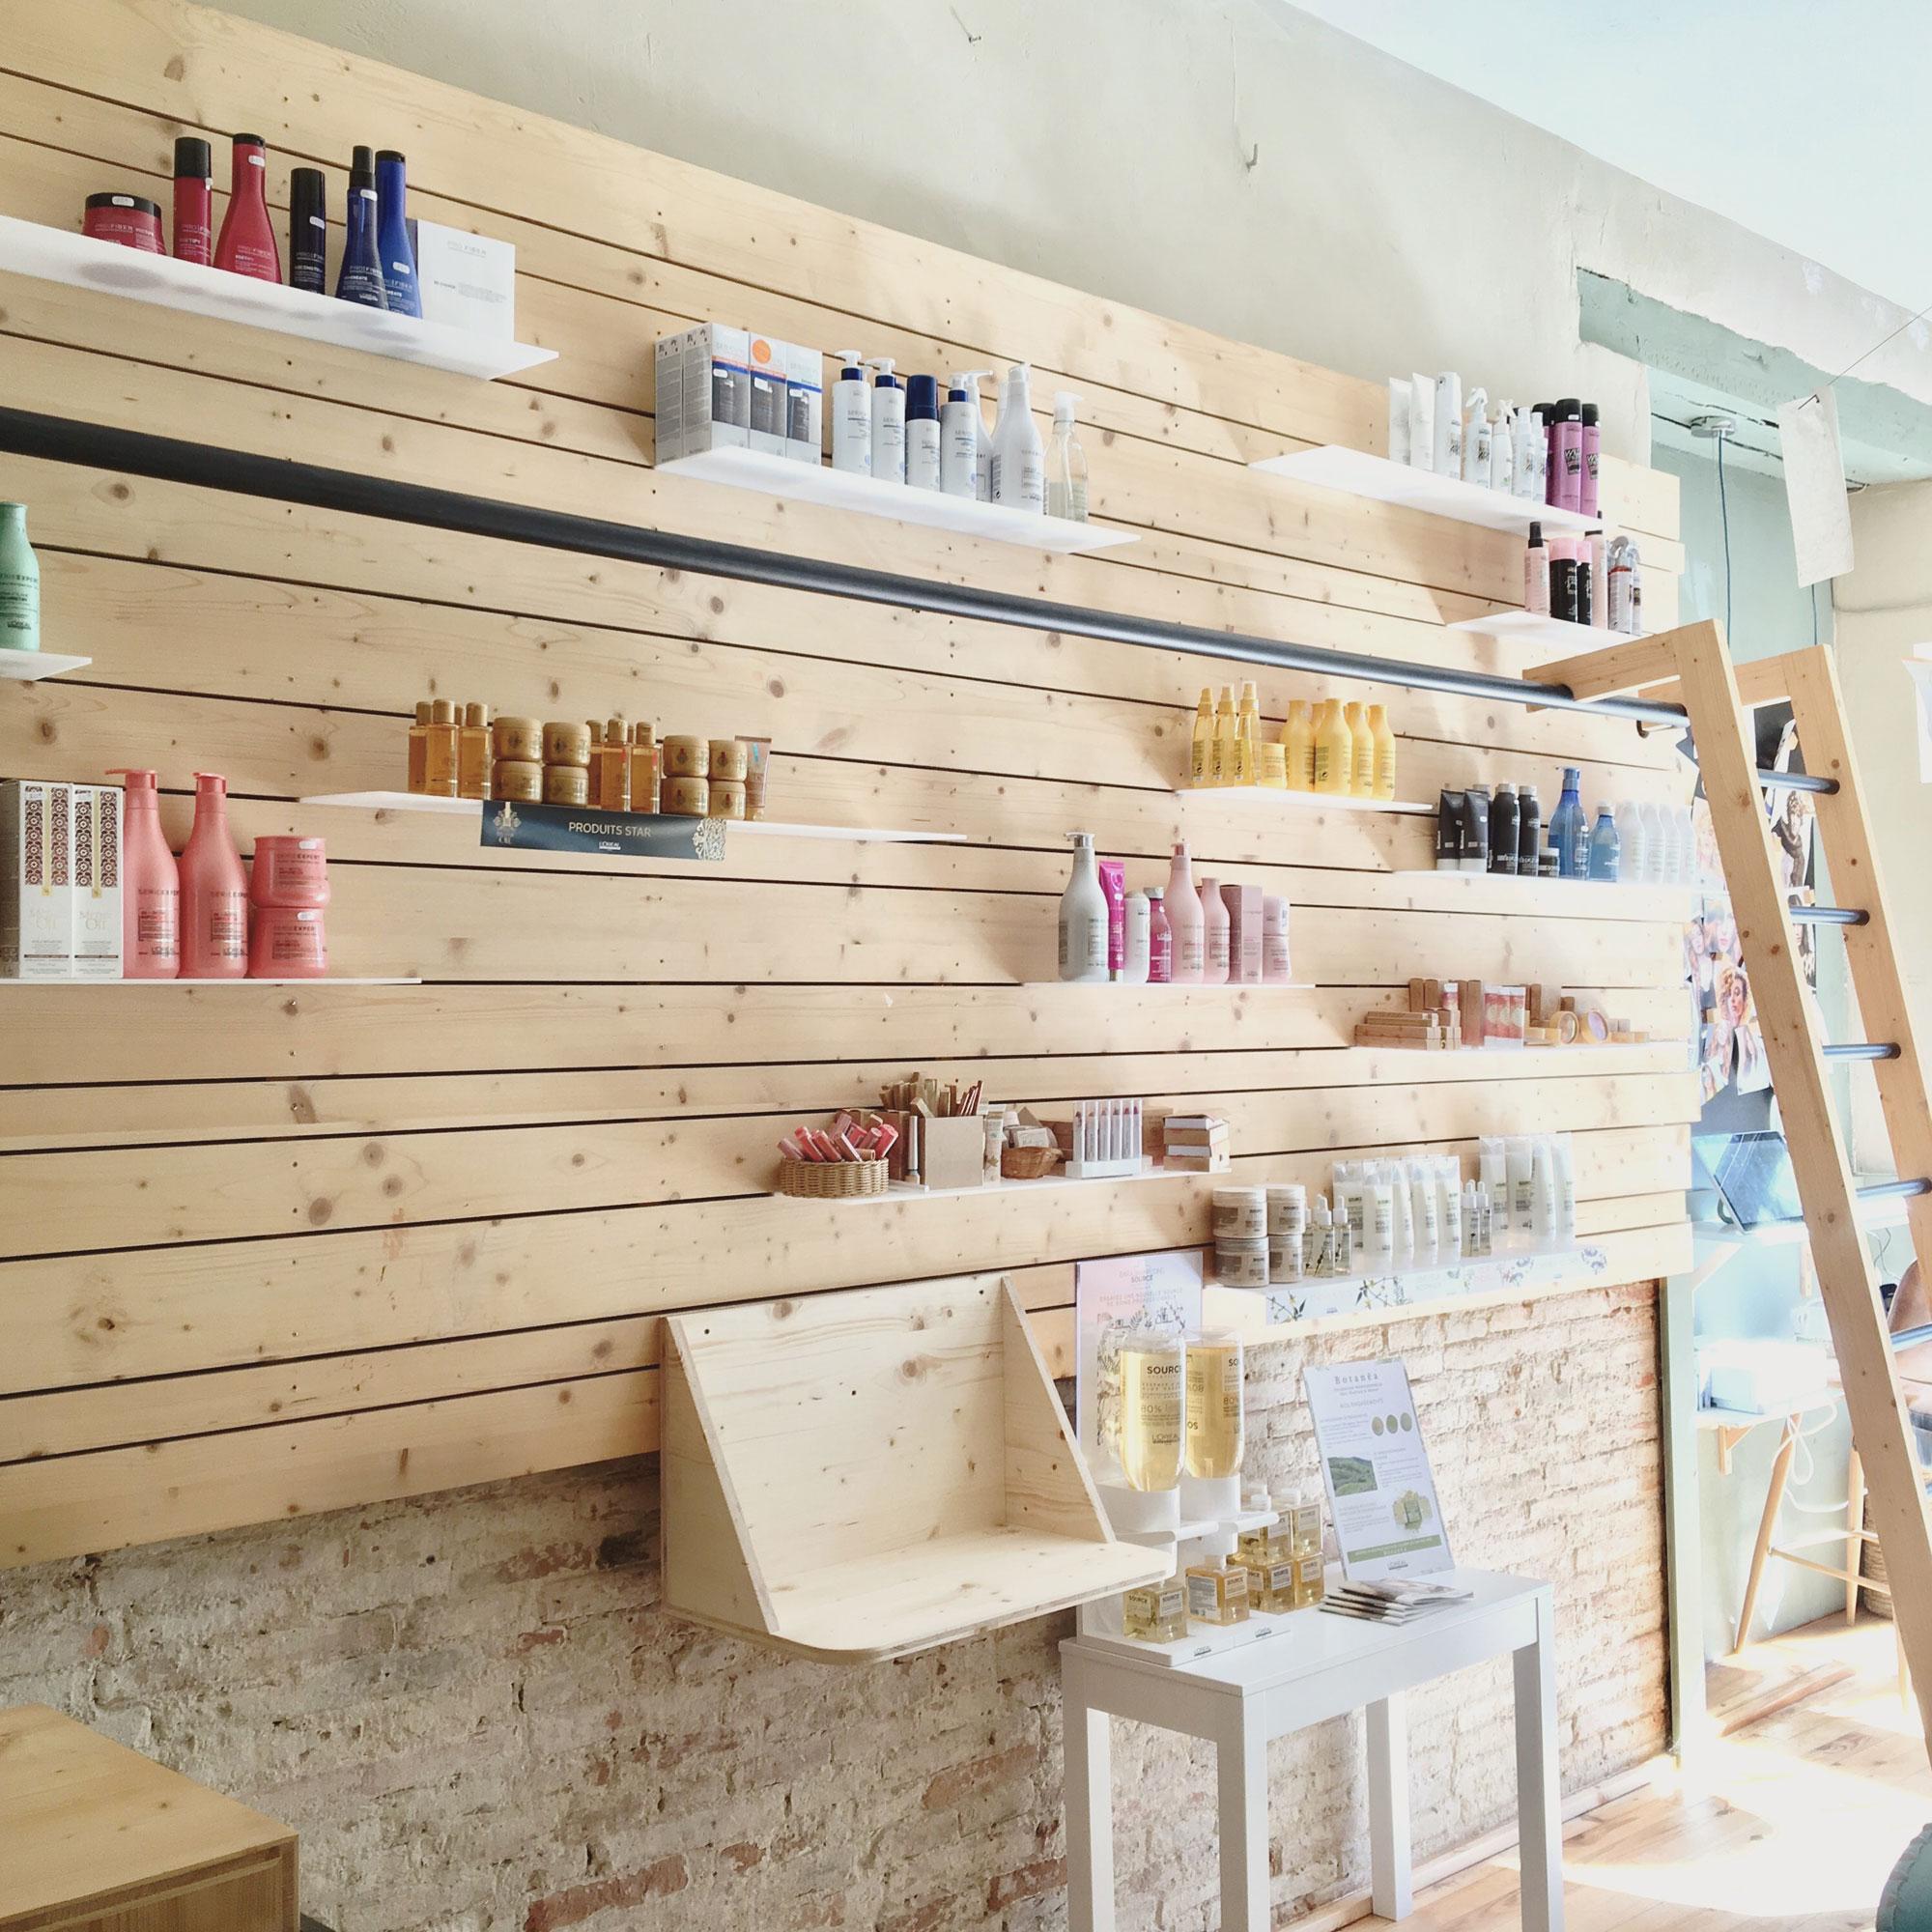 AGENCEMENT MAGASIN • Création de mobilier sur-mesure pour un salon de coiffure à Toulouse